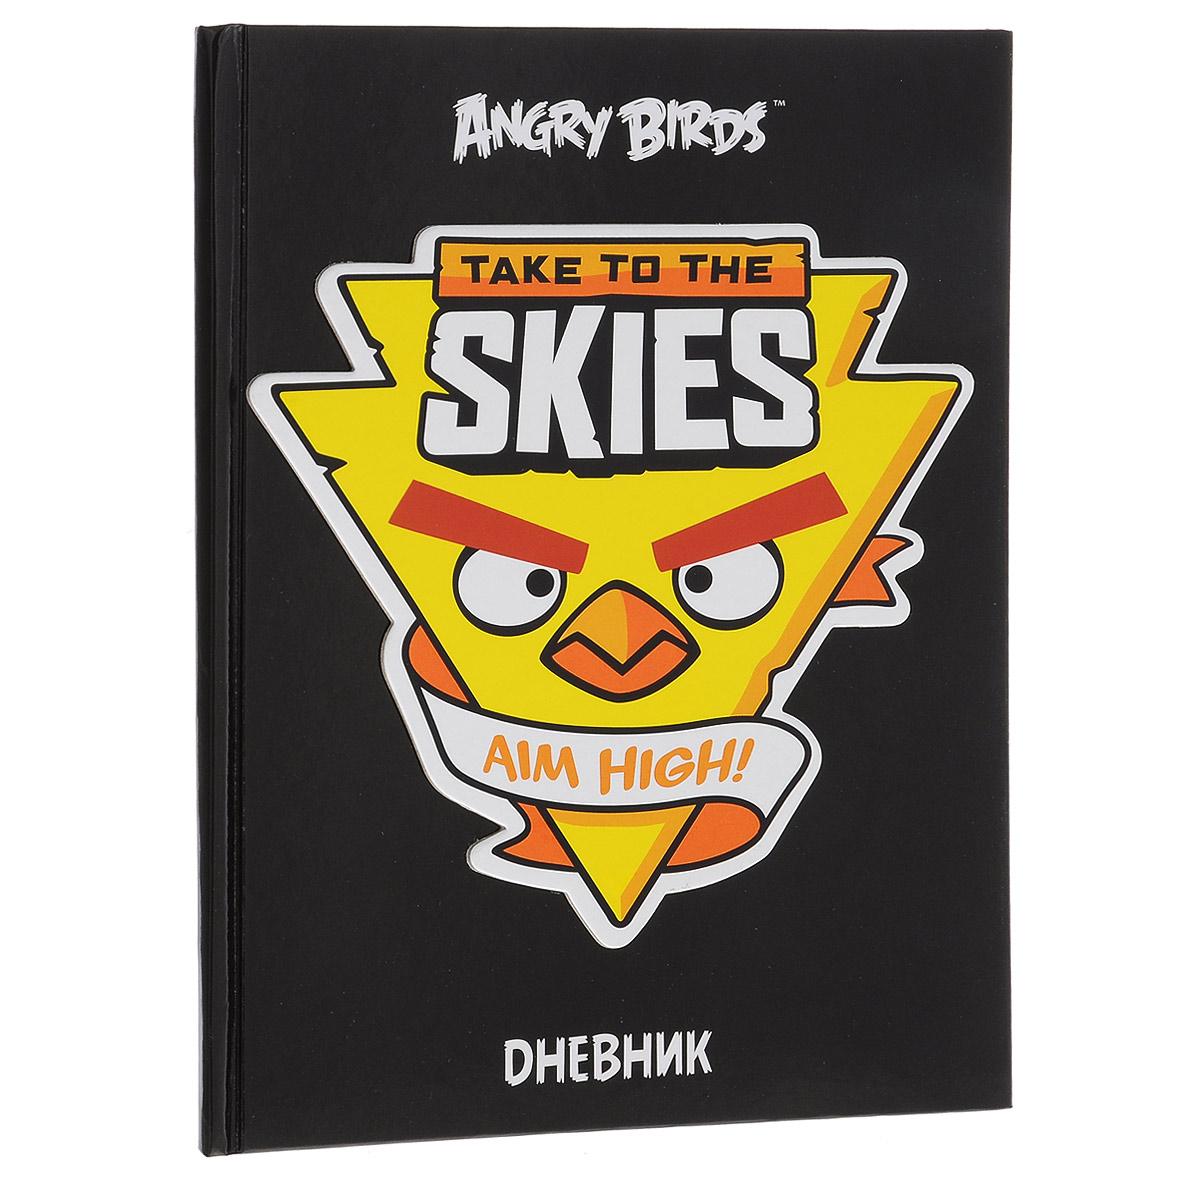 Дневник школьный Hatber Angry Birds, цвет: черный, желтый40ДТ5B_11736Школьный дневник Hatber Angry Birds - первый ежедневник вашего ребенка. Он поможет ему не забыть свои задания, а вы всегда сможете проконтролировать его успеваемость. Дневник предназначен для учеников 1-11 классов.Внутренний блок дневника состоит из 40 листов белой бумаги с линовкой черного цвета и с изображением забавных птичек из игры Angry Birds на каждой страничке. Обложка выполнена из плотного глянцевого картона с объемной наклейкой.В структуру дневника входят все необходимые разделы: информация о личных данных ученика, школе и педагогах, друзьях и одноклассниках, расписание факультативов и уроков по четвертям, сведения об успеваемости. Дневник содержит номера телефонов экстренной помощи и даты государственных праздников. Школьный дневник Hatber Angry Birds станет отличным помощником ребенку в освоении новых знаний, а также отметит его успехи и достижения. Рекомендуемый возраст: от 6 лет.